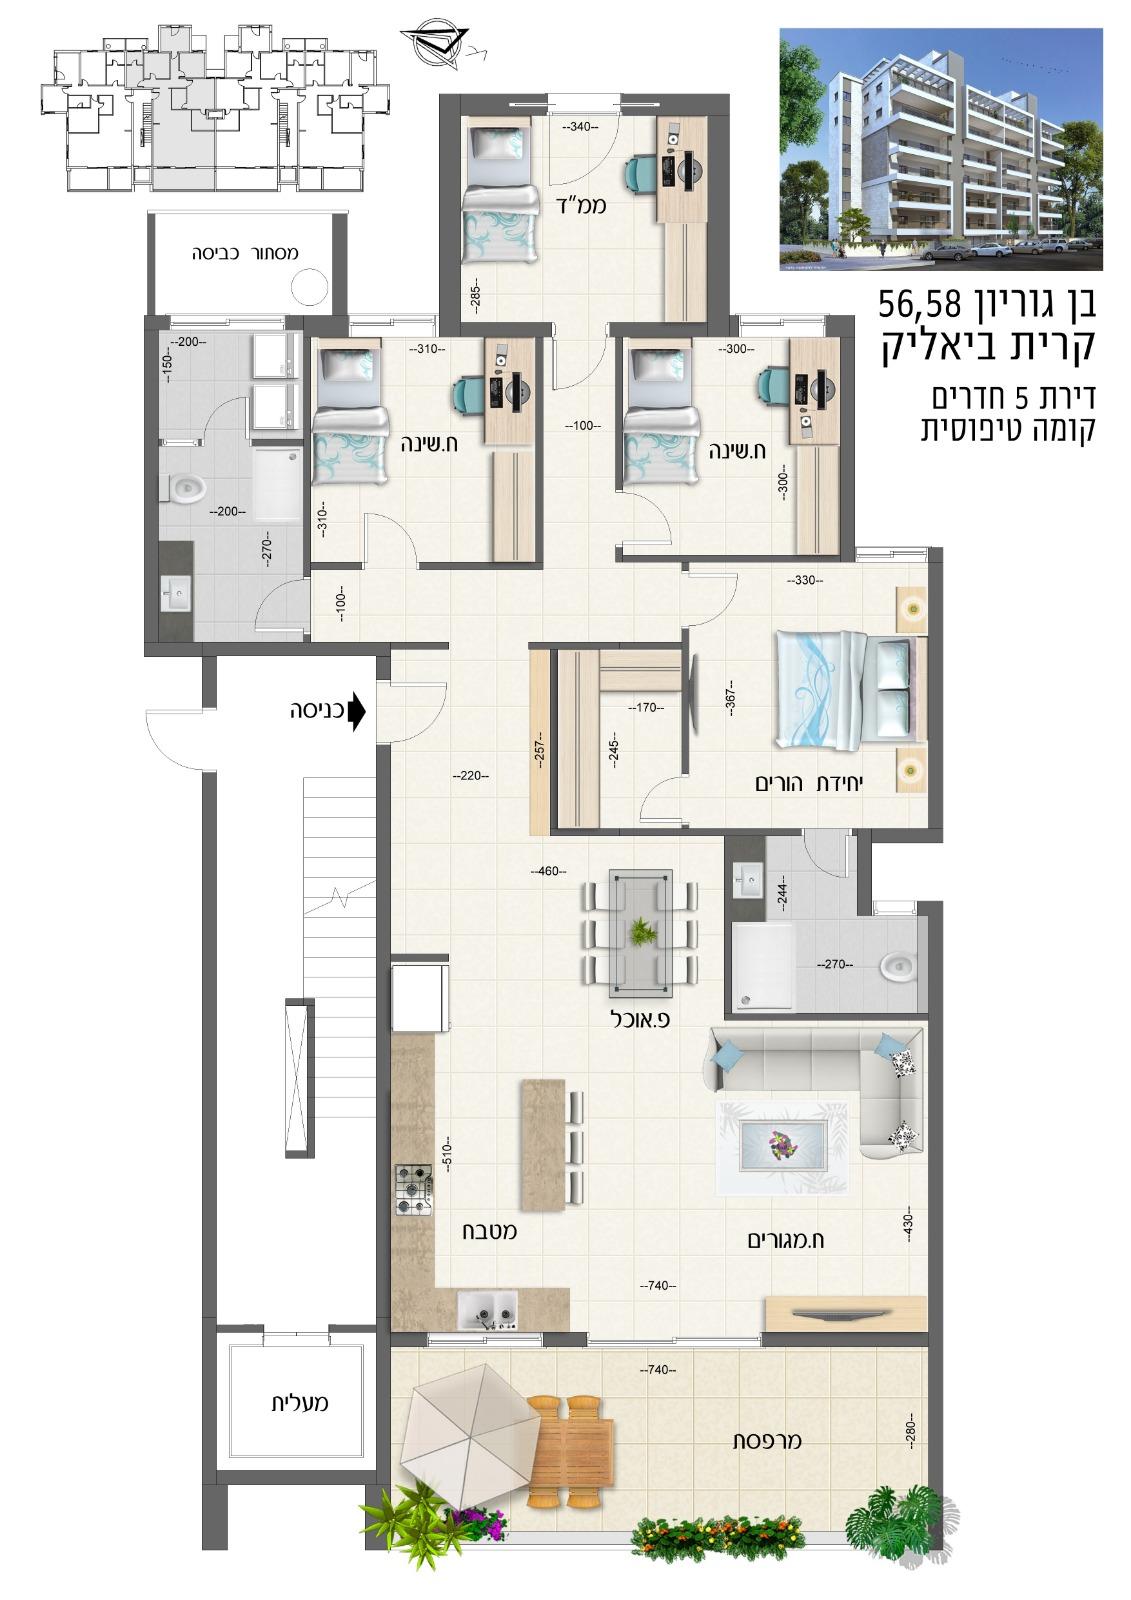 """פרוייקט חדש בן גוריון קרית ביאליק 5 חדרים 130 בנוי. 21 מ""""ר מרפסת. מיקום מרכזי ואיכותי."""